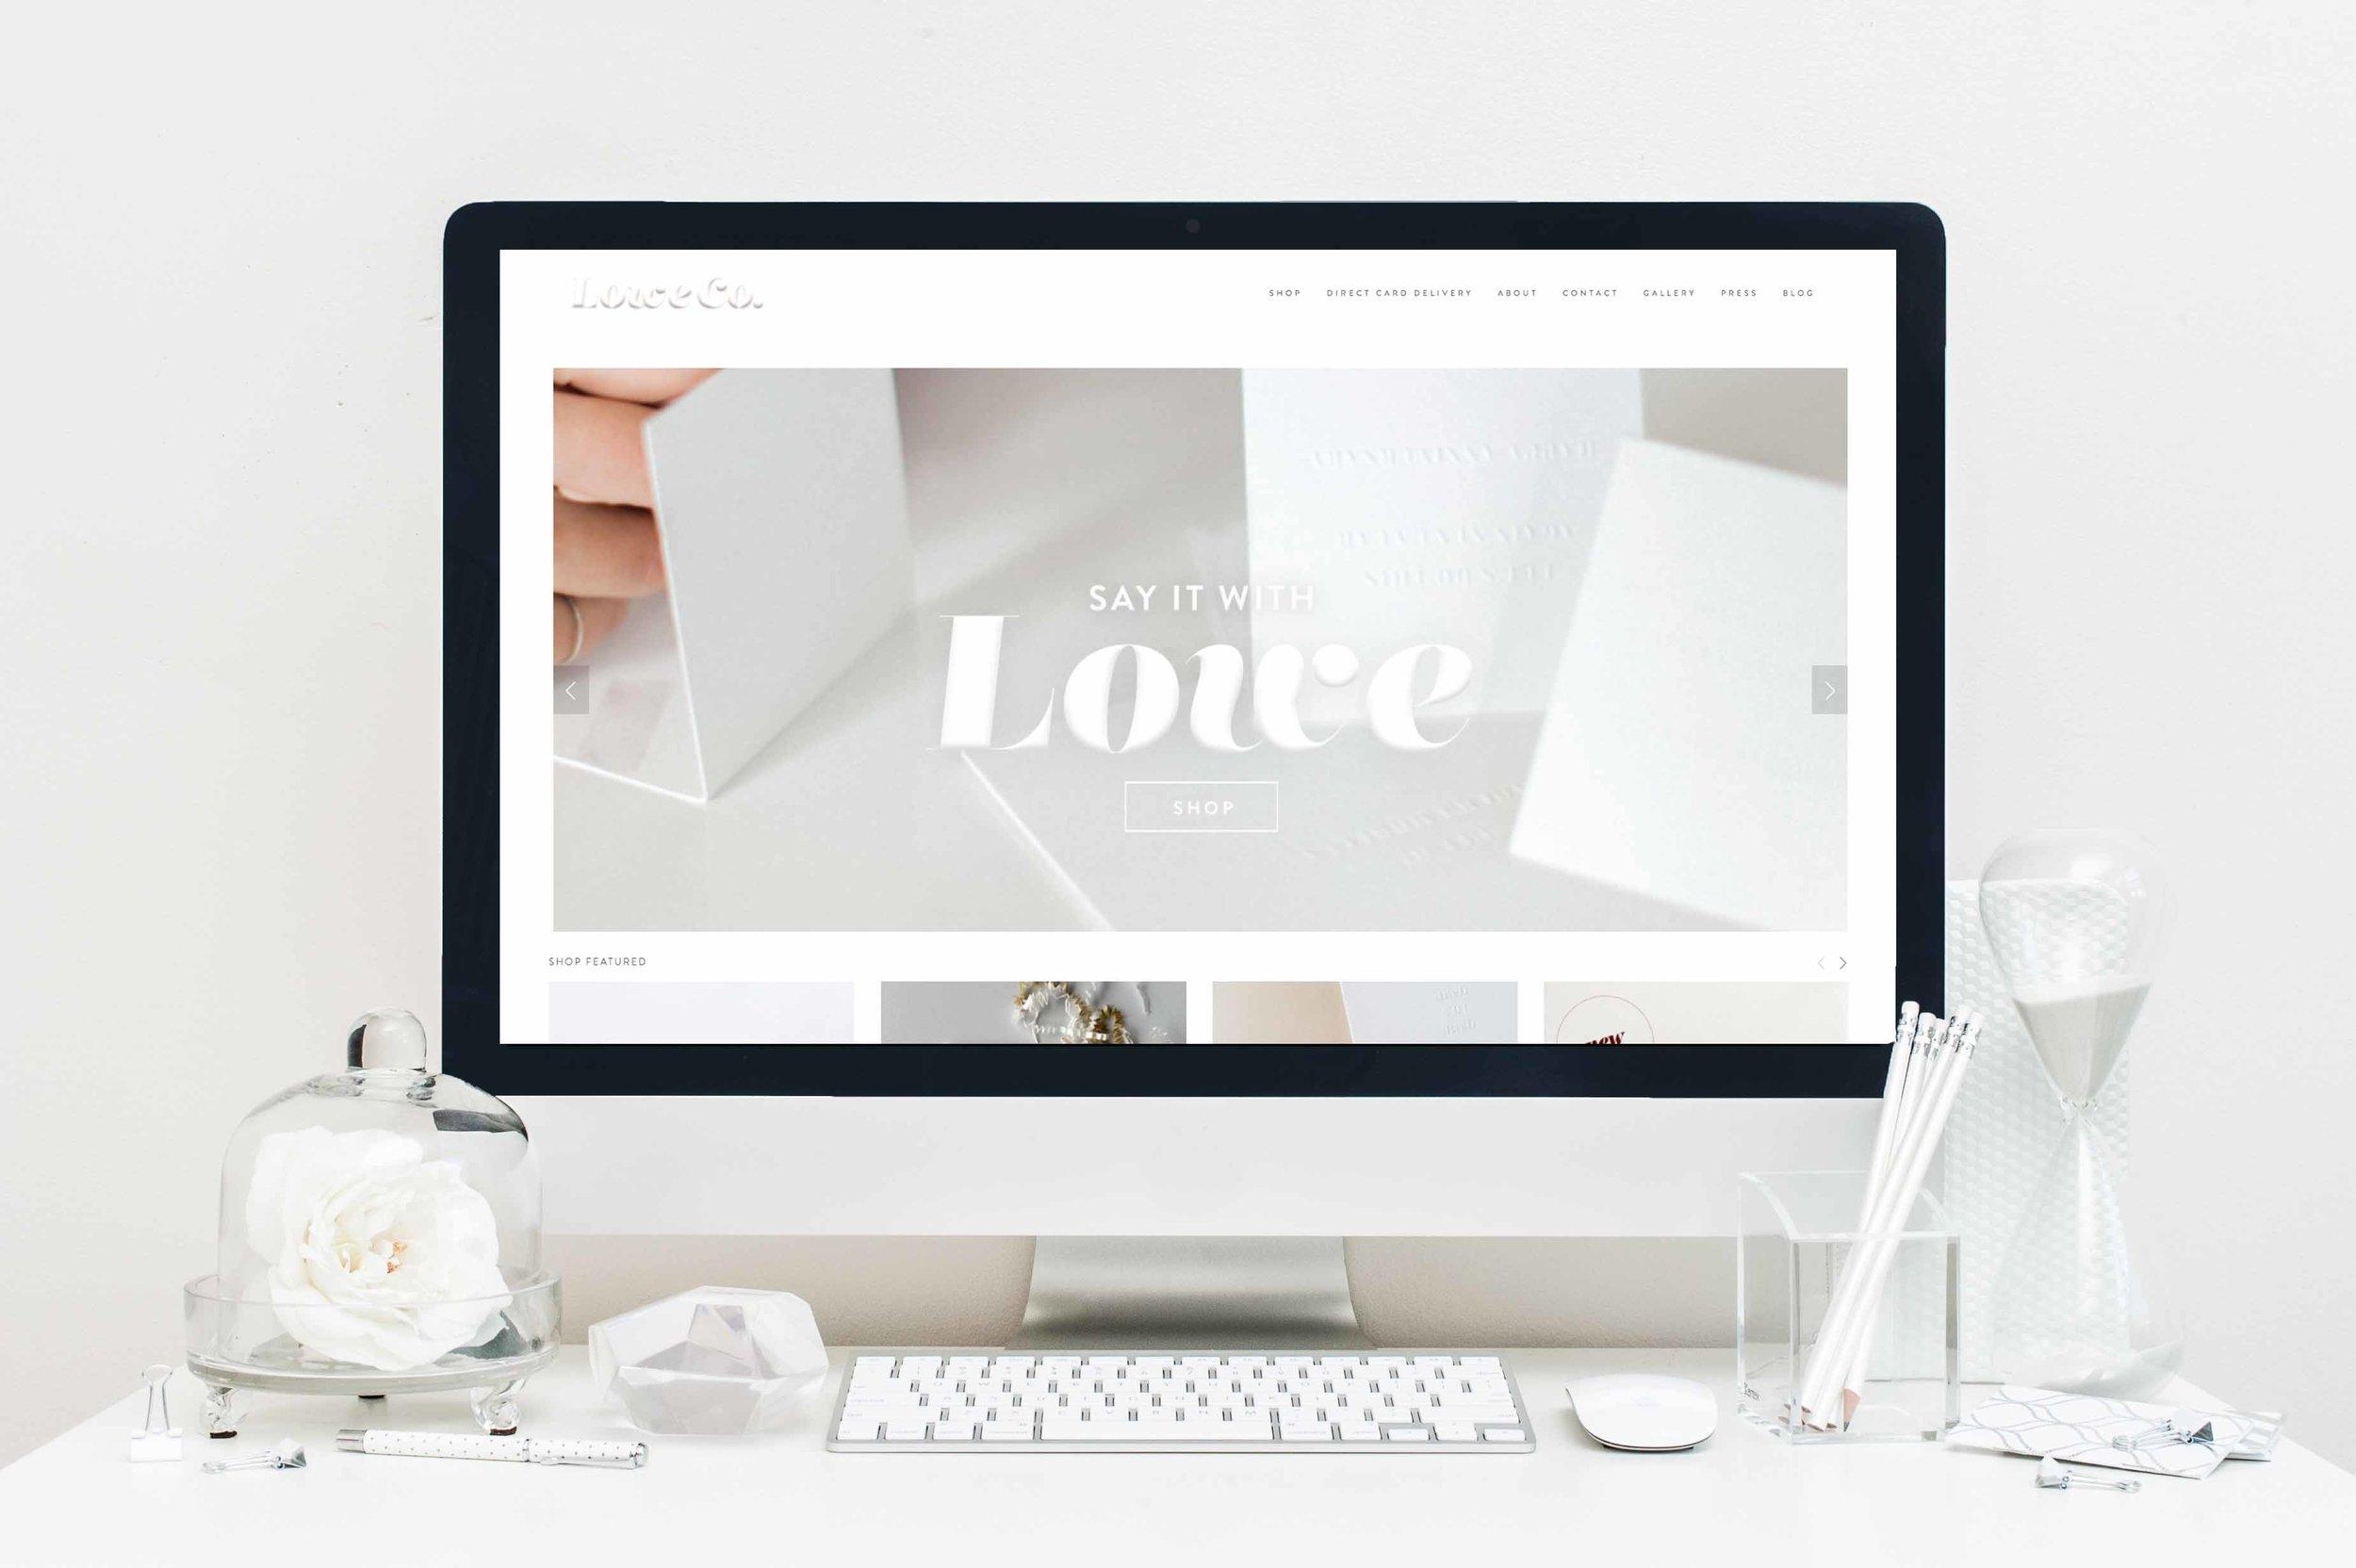 Desktop Stock Photo-1.jpg